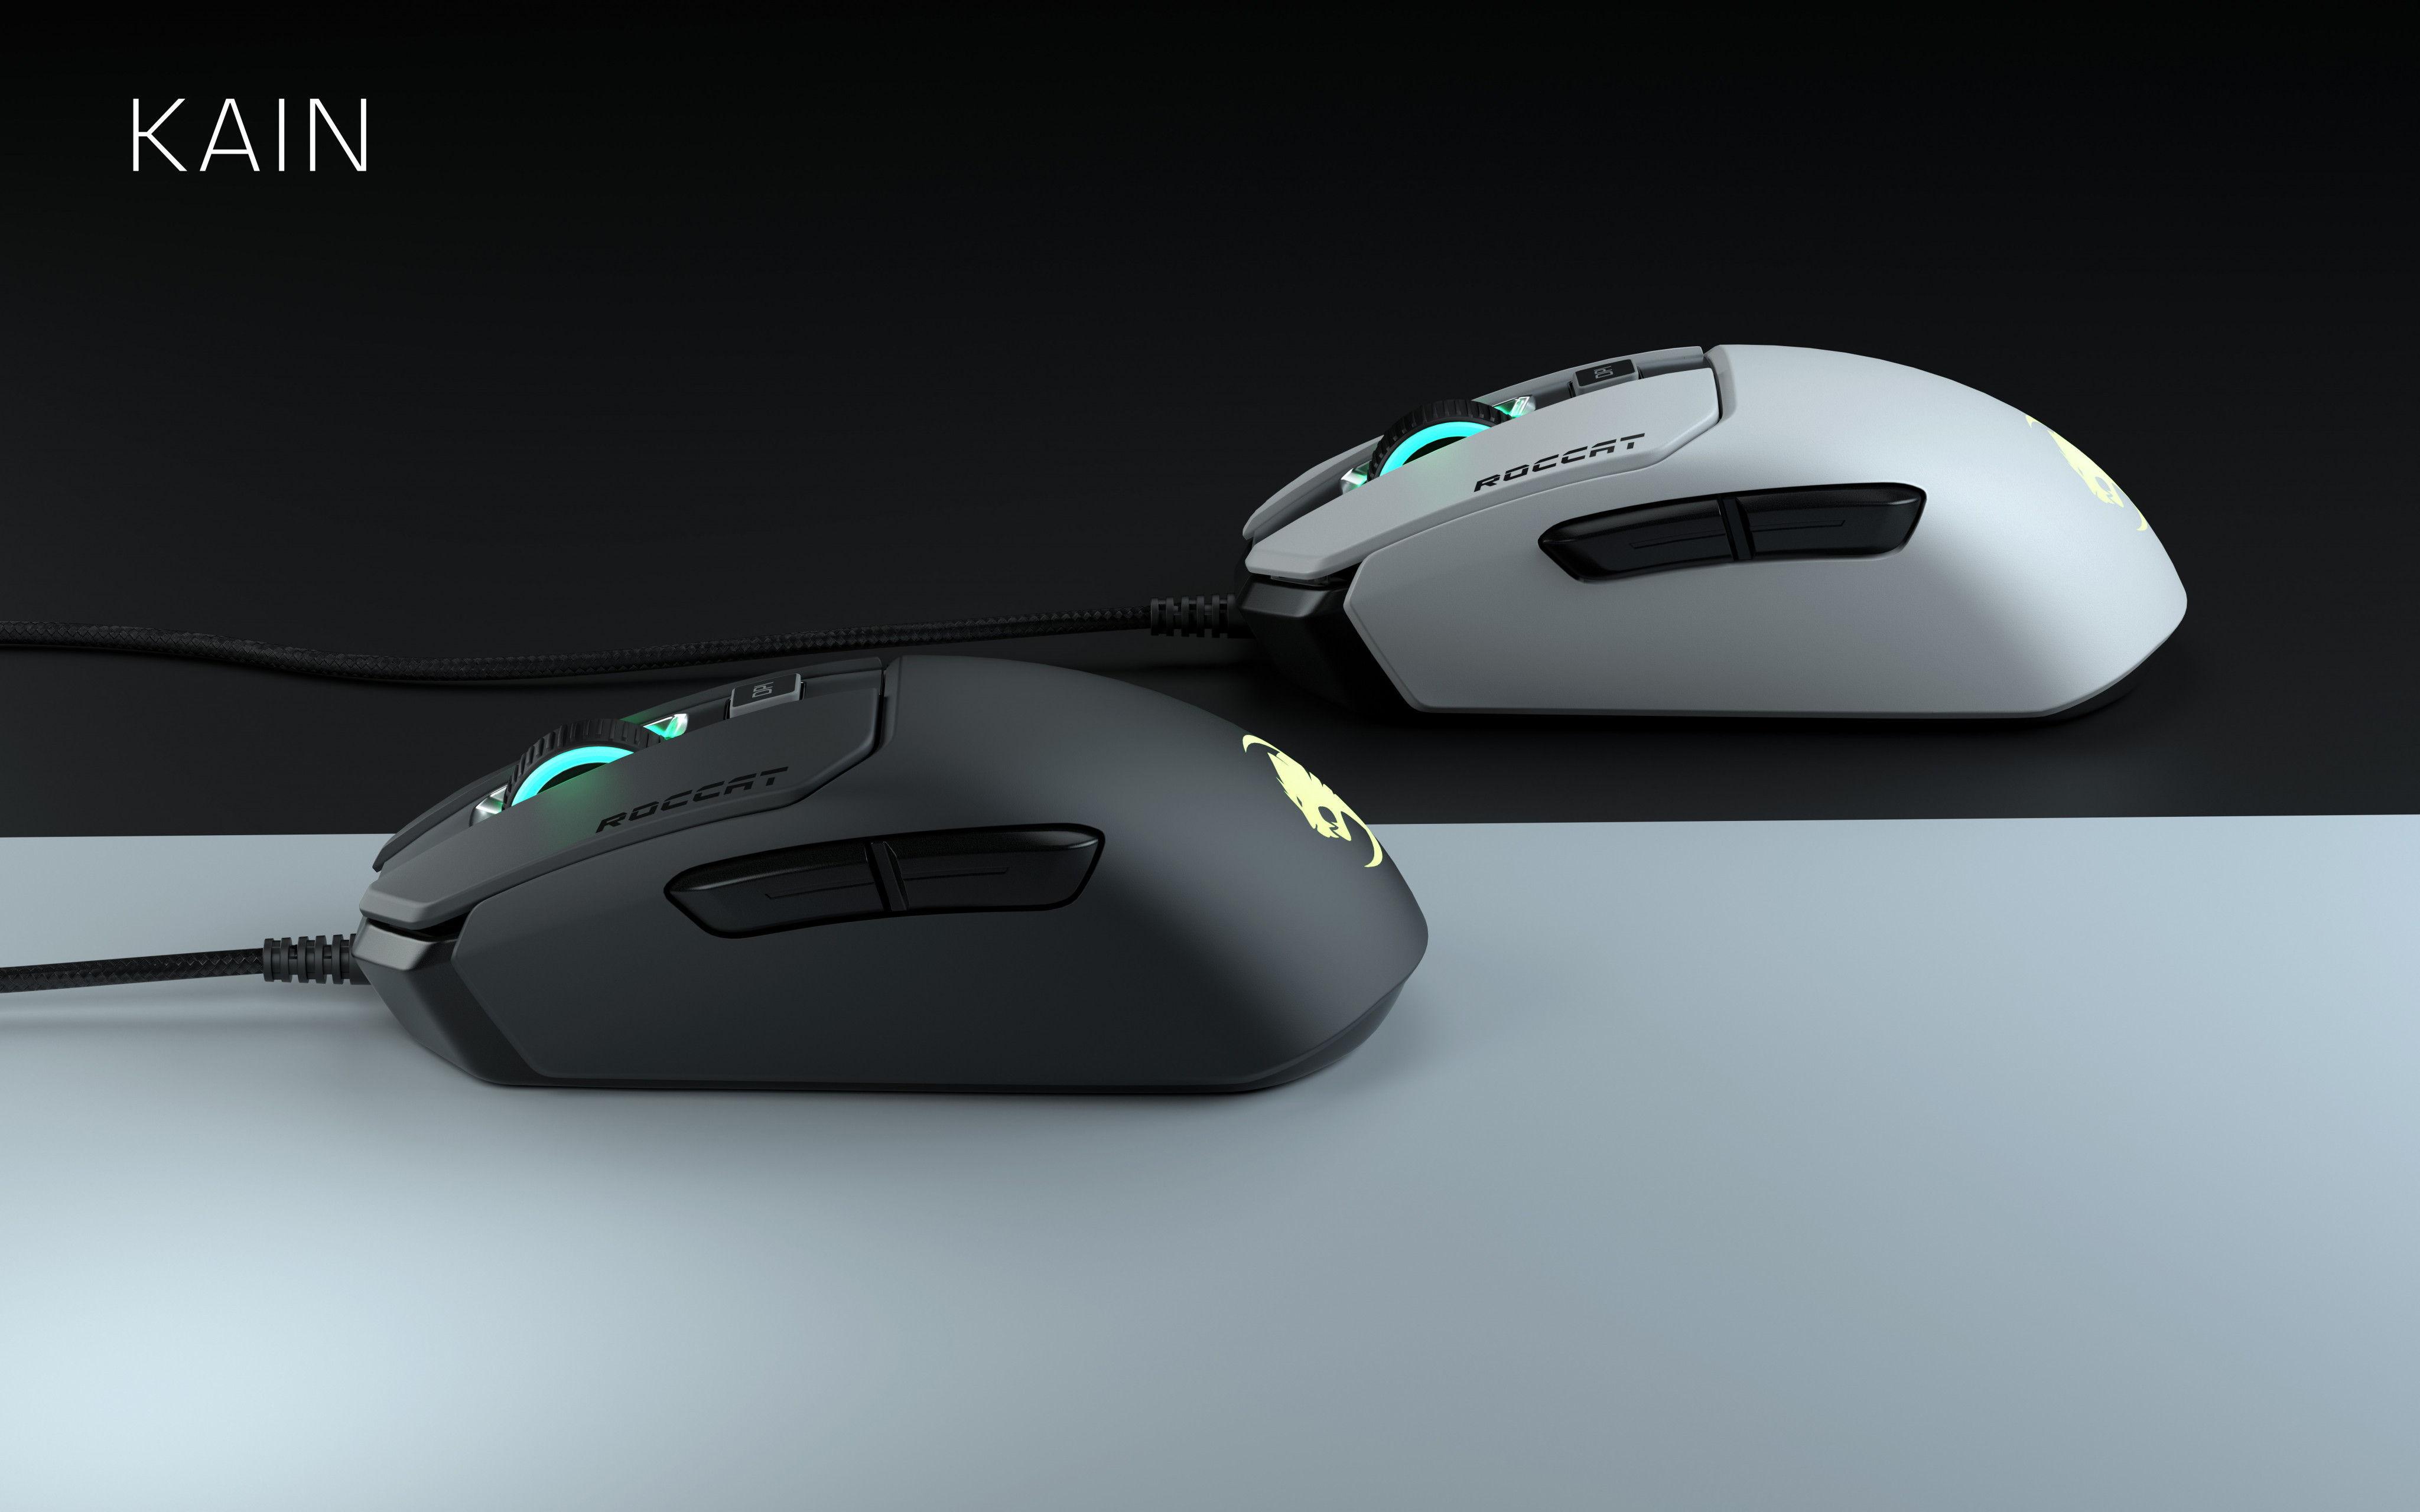 Les souris de la série Kain